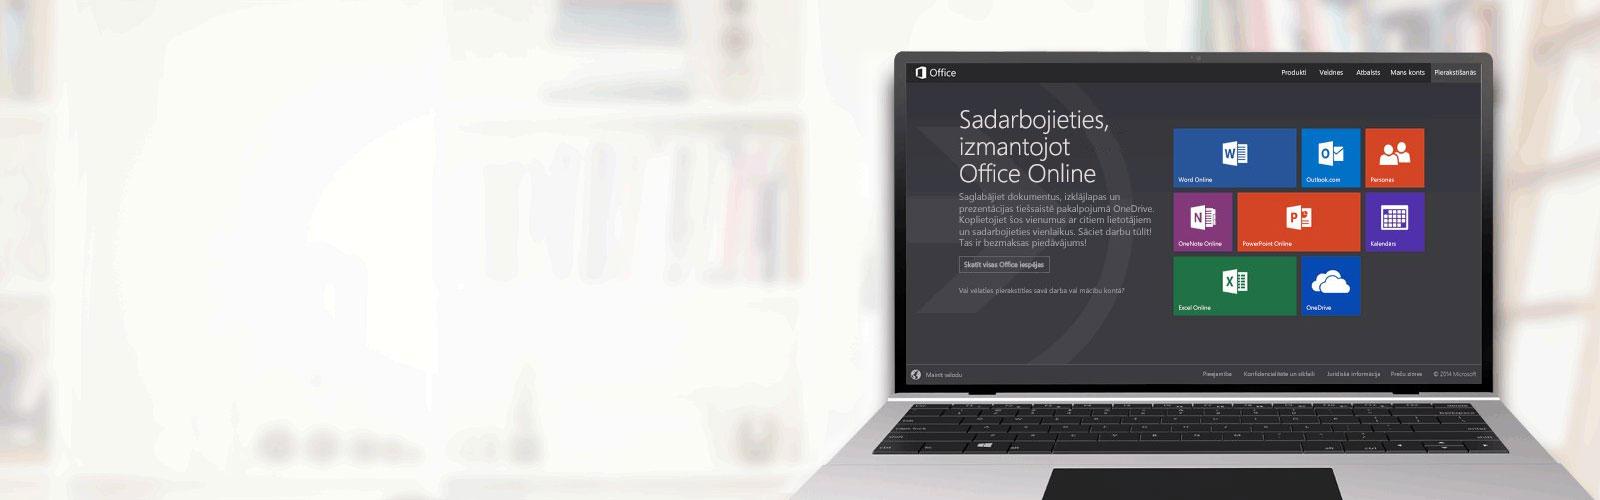 Sadarbojieties, izmantojot Office Online